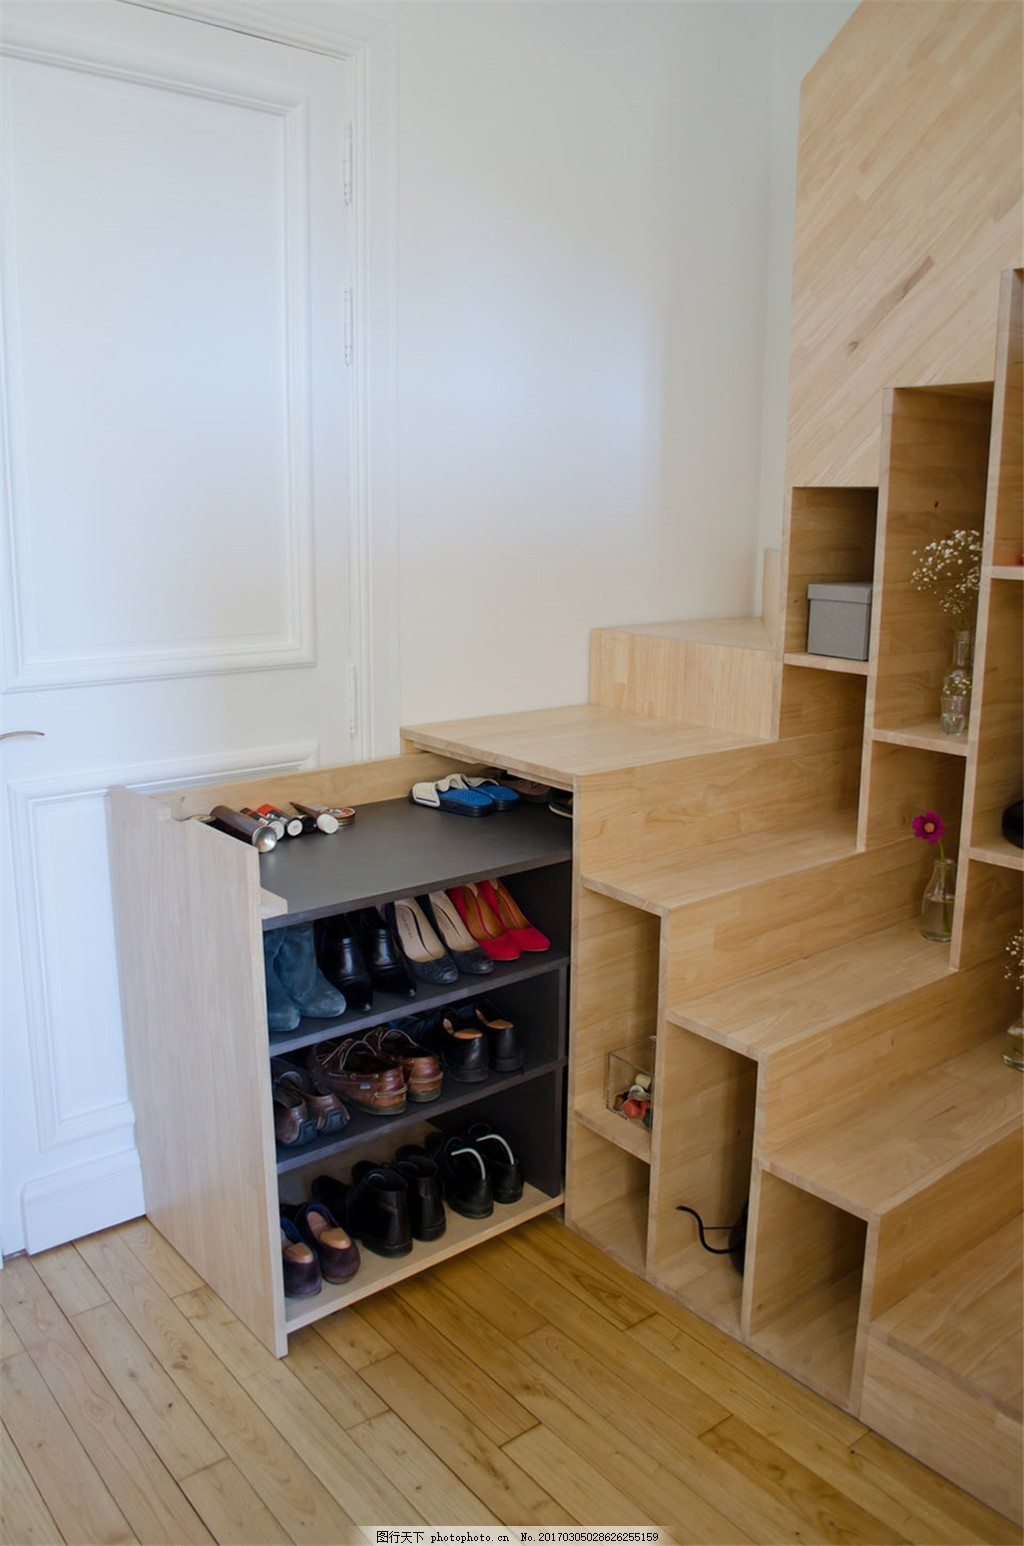 现代家居楼梯鞋柜装修效果图 室内设计 家装效果图 欧式装修效果图